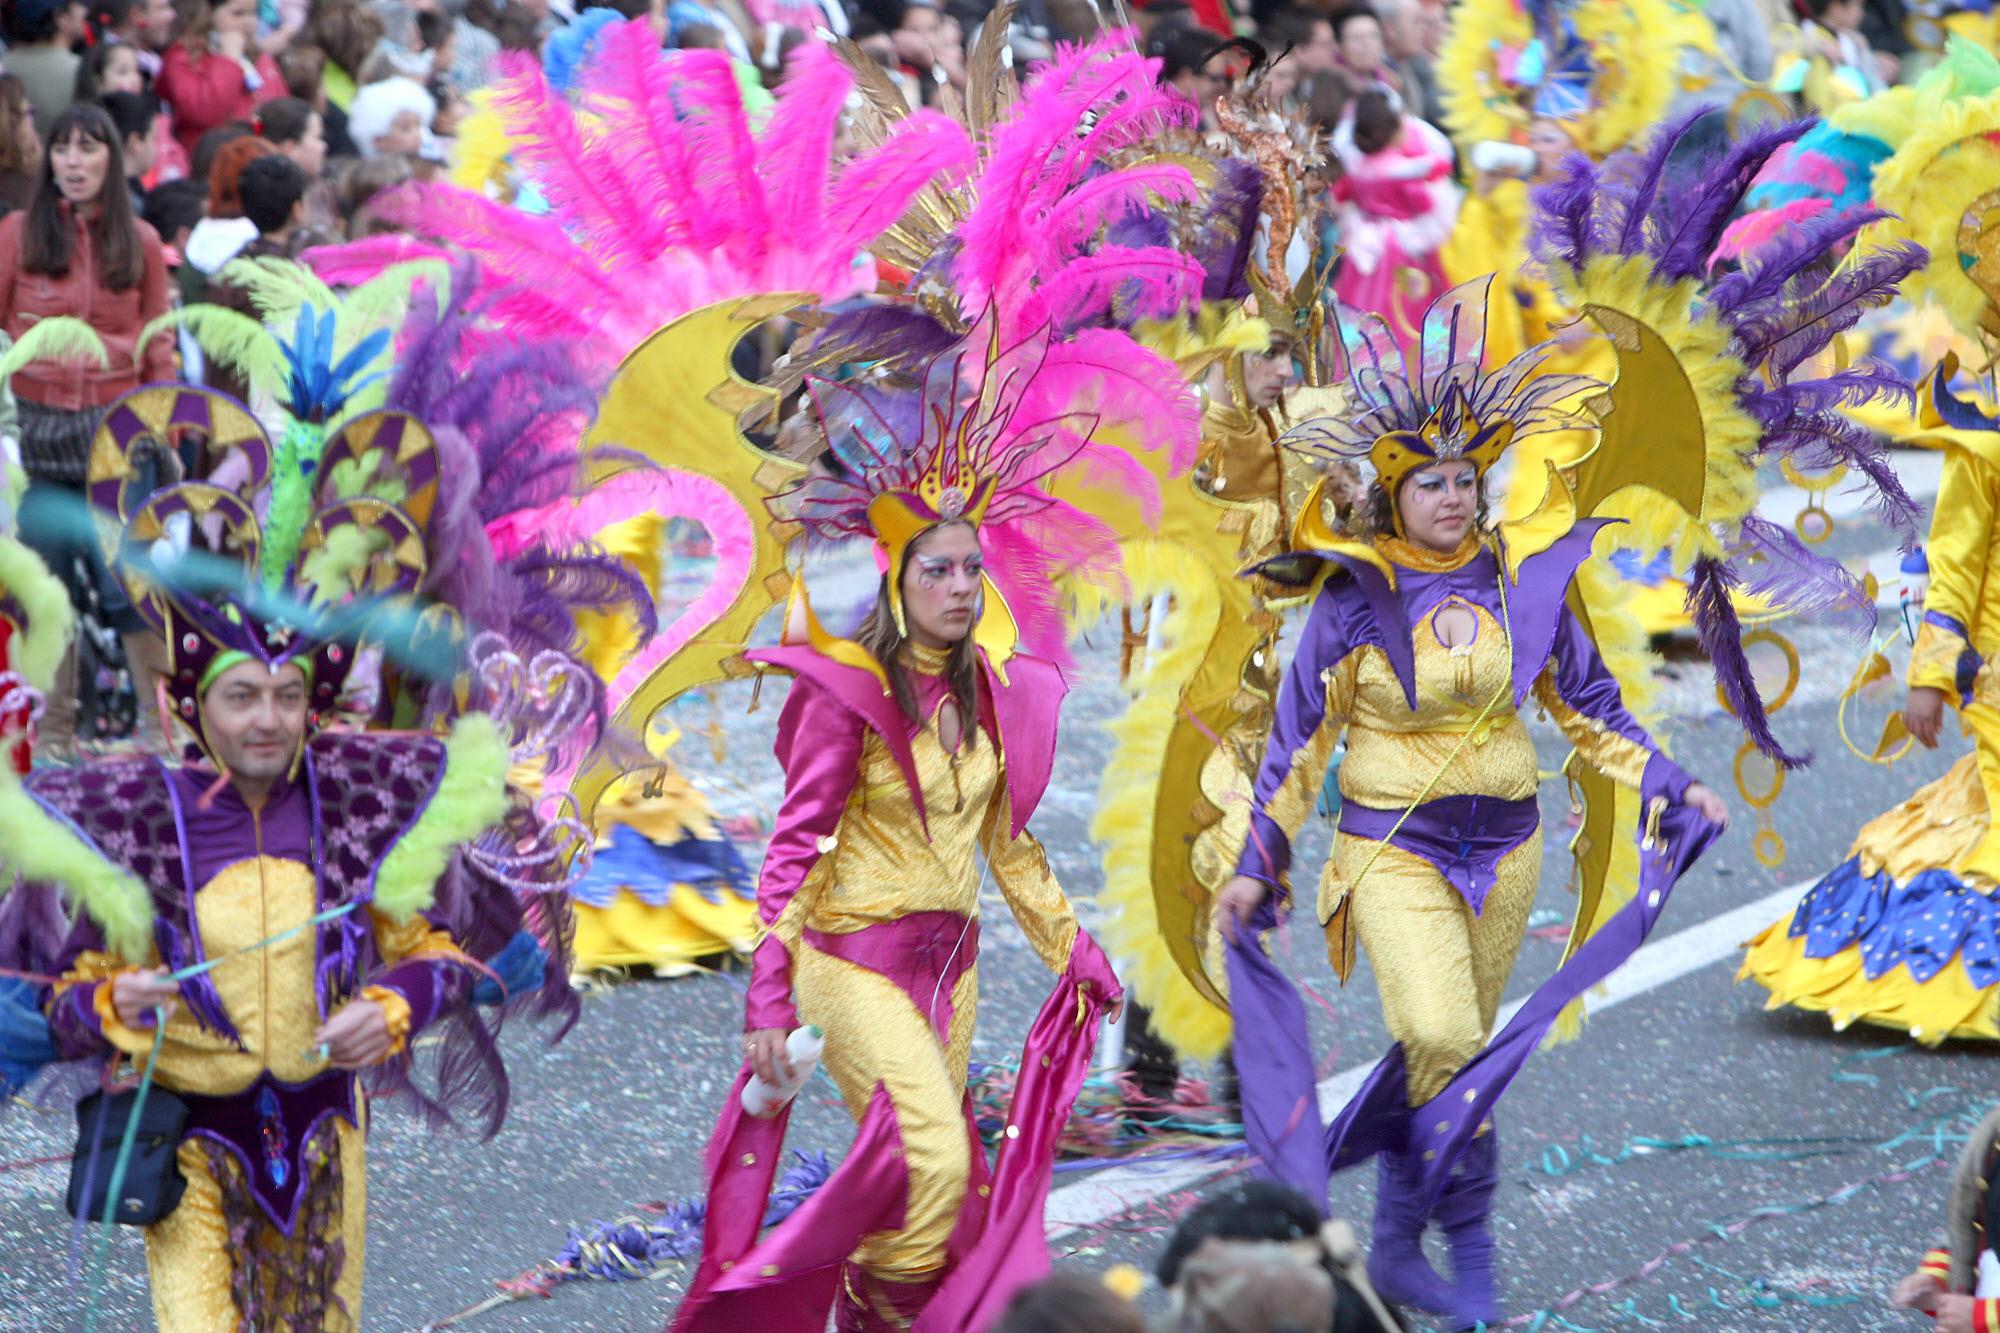 El Carnaval, más allá de las coplas